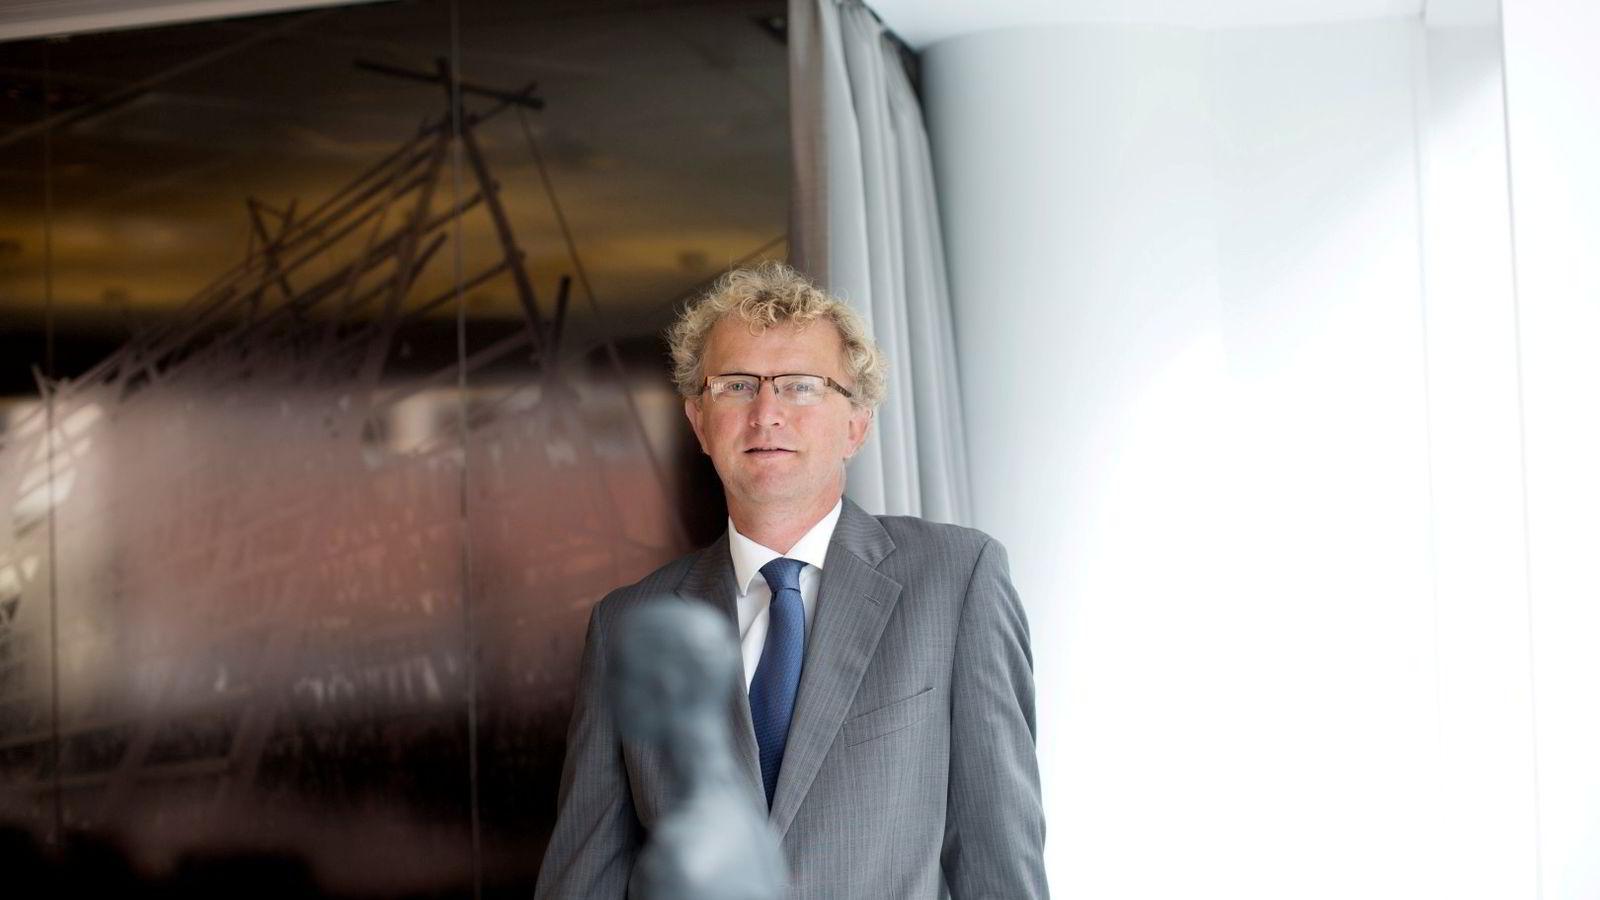 - Lavere boliglånsrenter og en lønnsvekst som tross alt ventes å bli positiv neste år, gir grunn for en viss optimisme, sier sjeføkonom Jan L. Andreassen i Eika-gruppen.